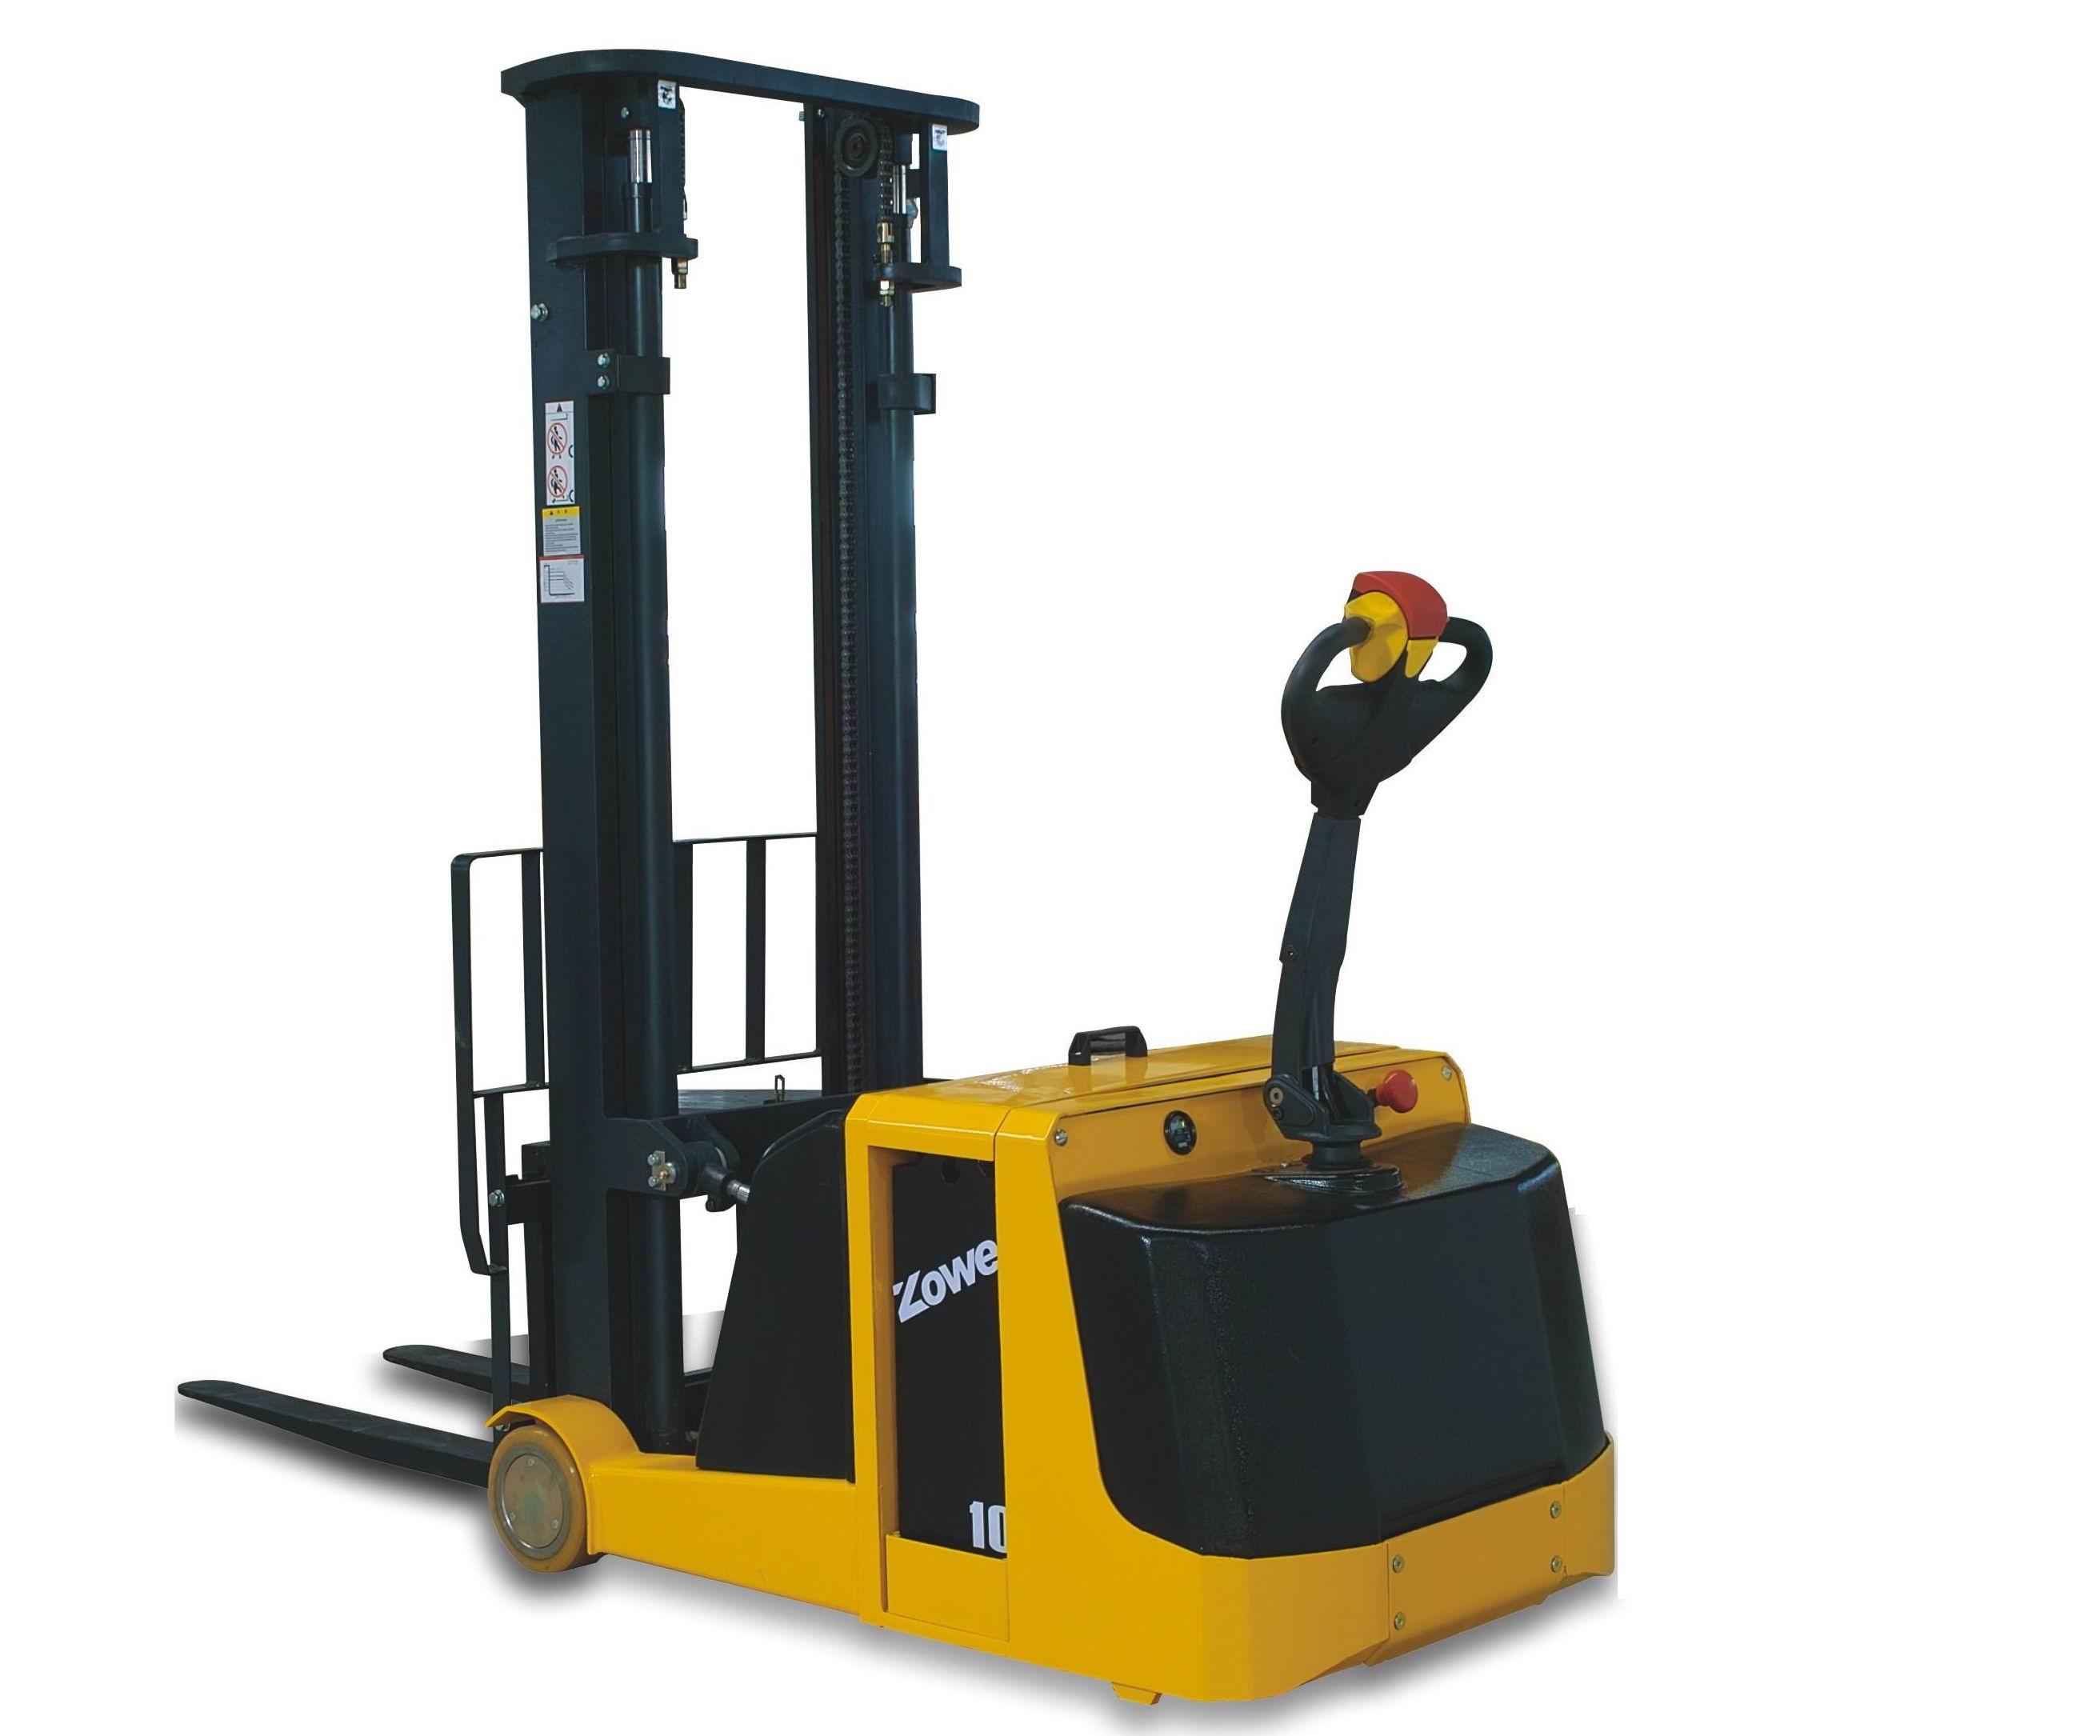 xep 平衡重式堆垛车(无支撑腿)|卓一电动叉车|诺嘉